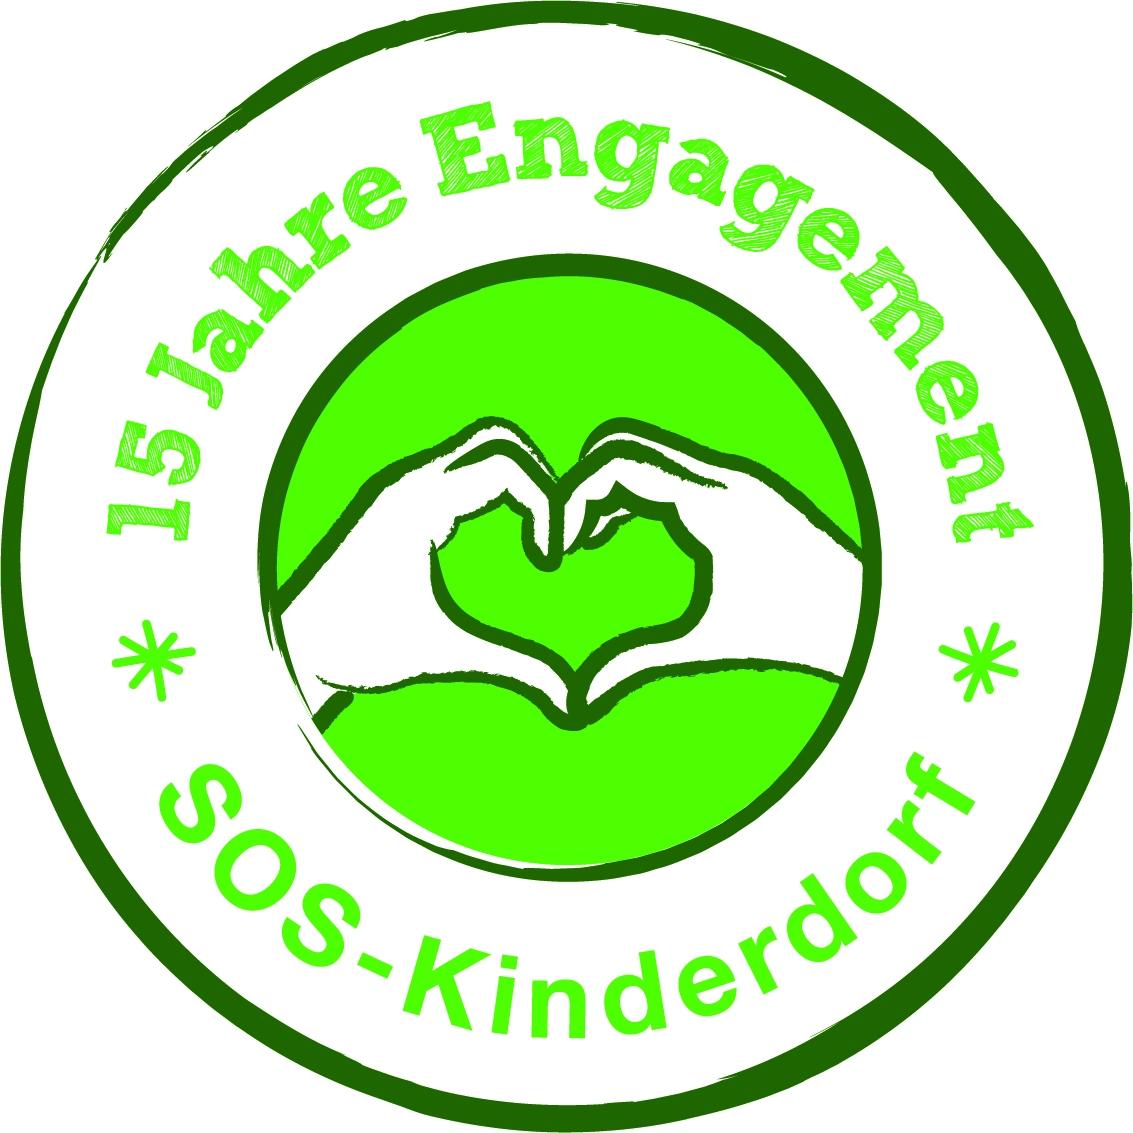 SOS-Kinderdorf Partner seit über 15 Jahren